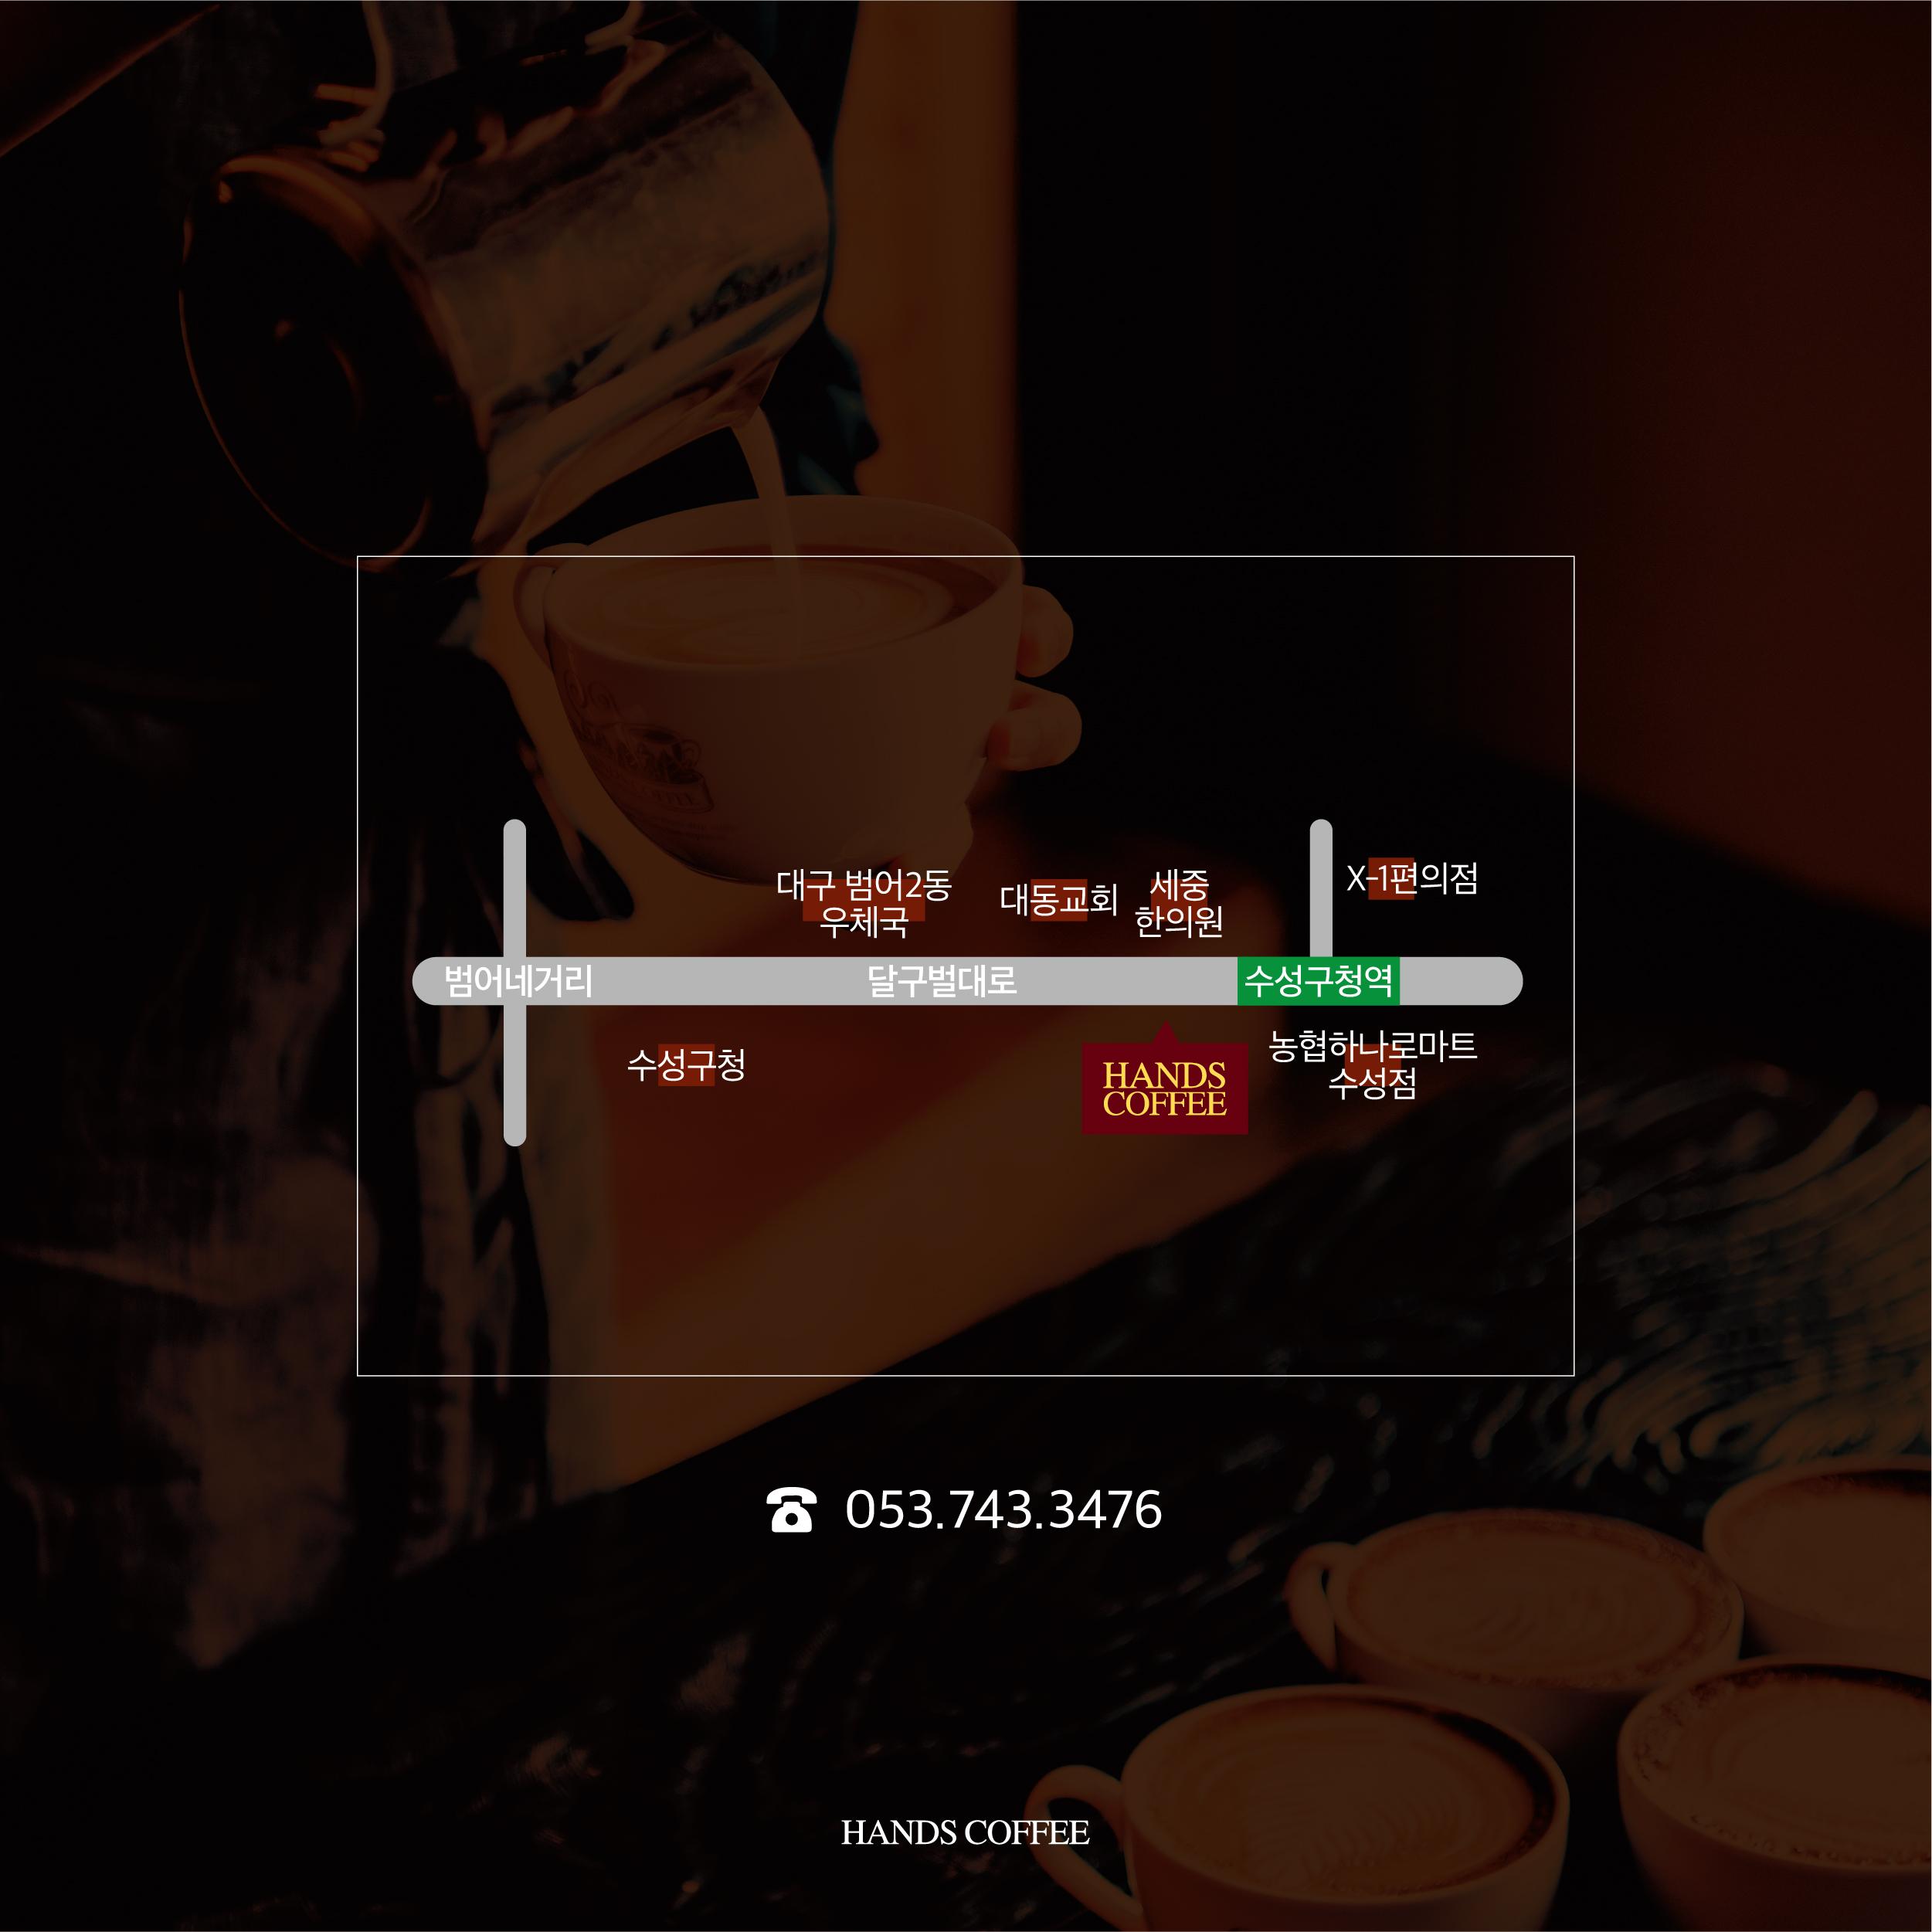 범어4가점 재오픈페이스북-04.jpg